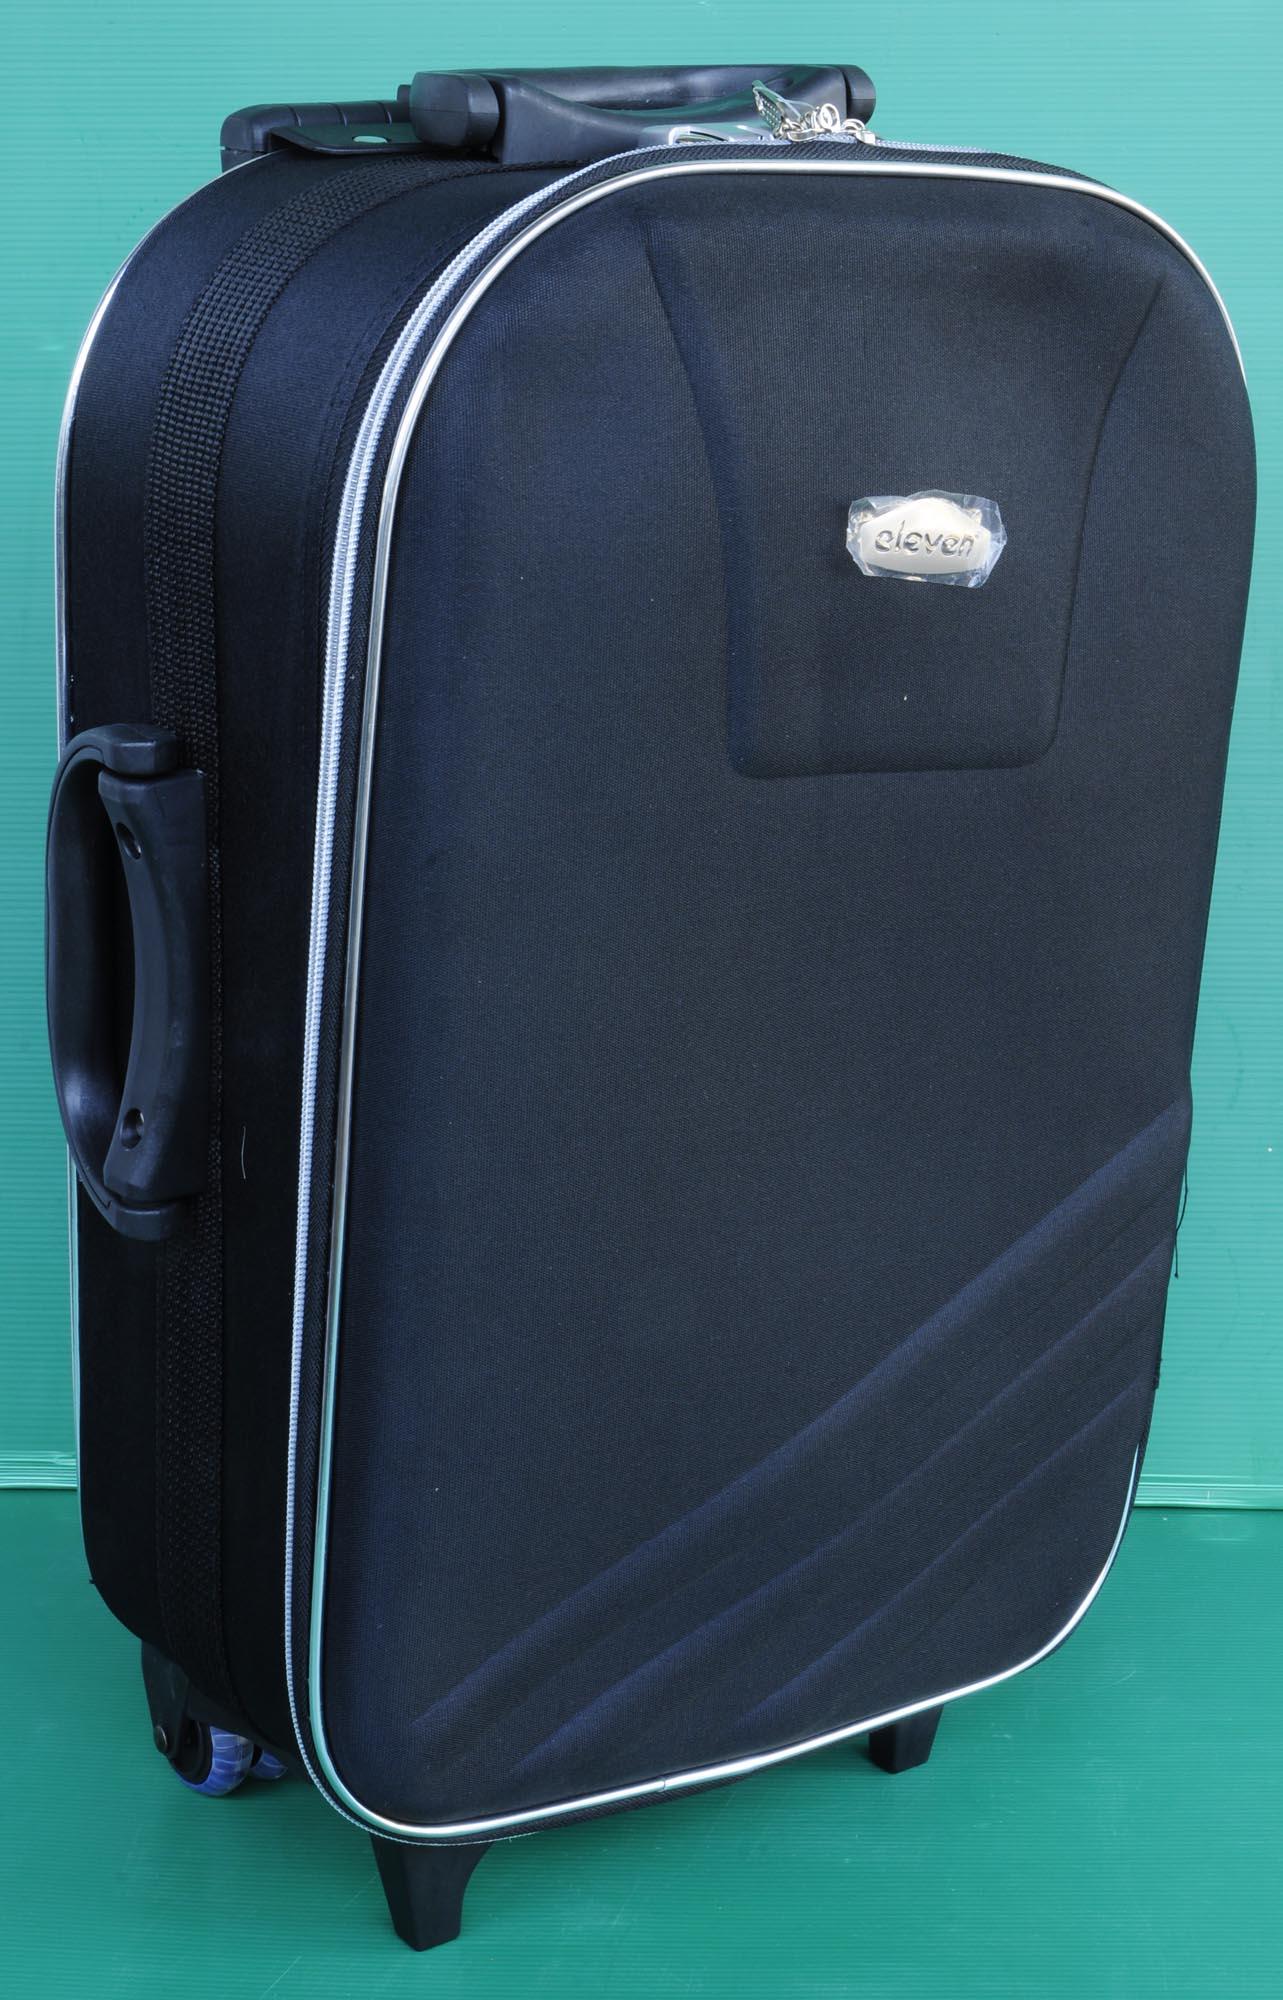 Trolley da cabina bagaglio a mano valigia ryanair cm 20 colori glamour soft f935 - Cabina ryanair ...